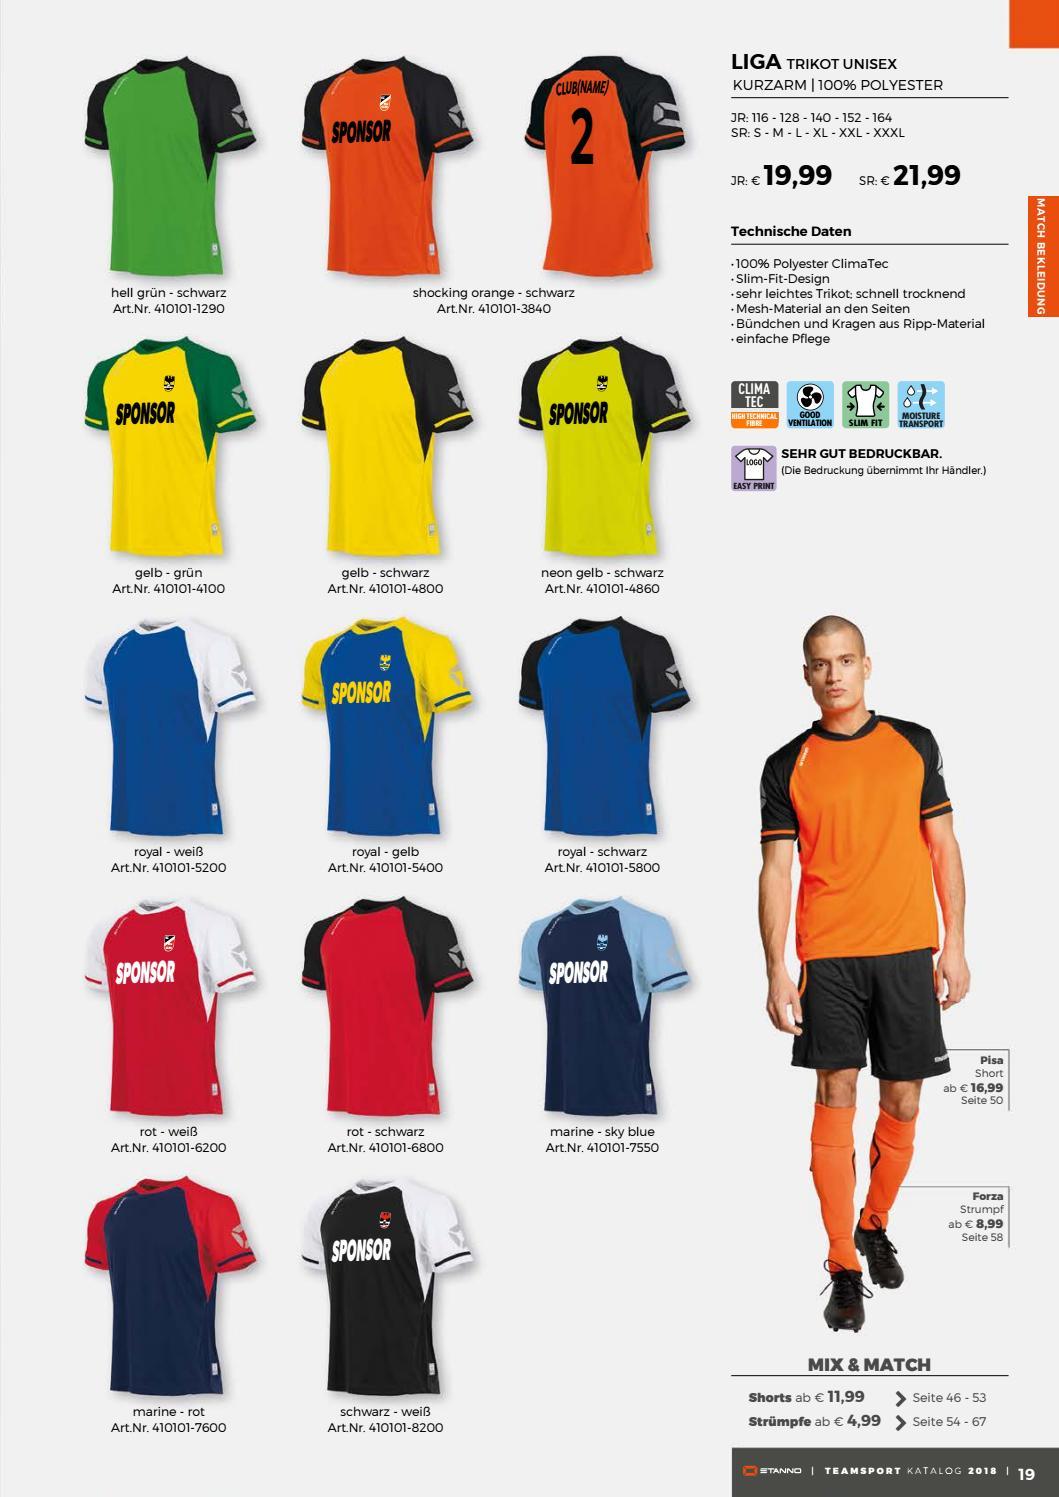 Stanno teamsports catalogue 2018 de by Deventrade BV issuu